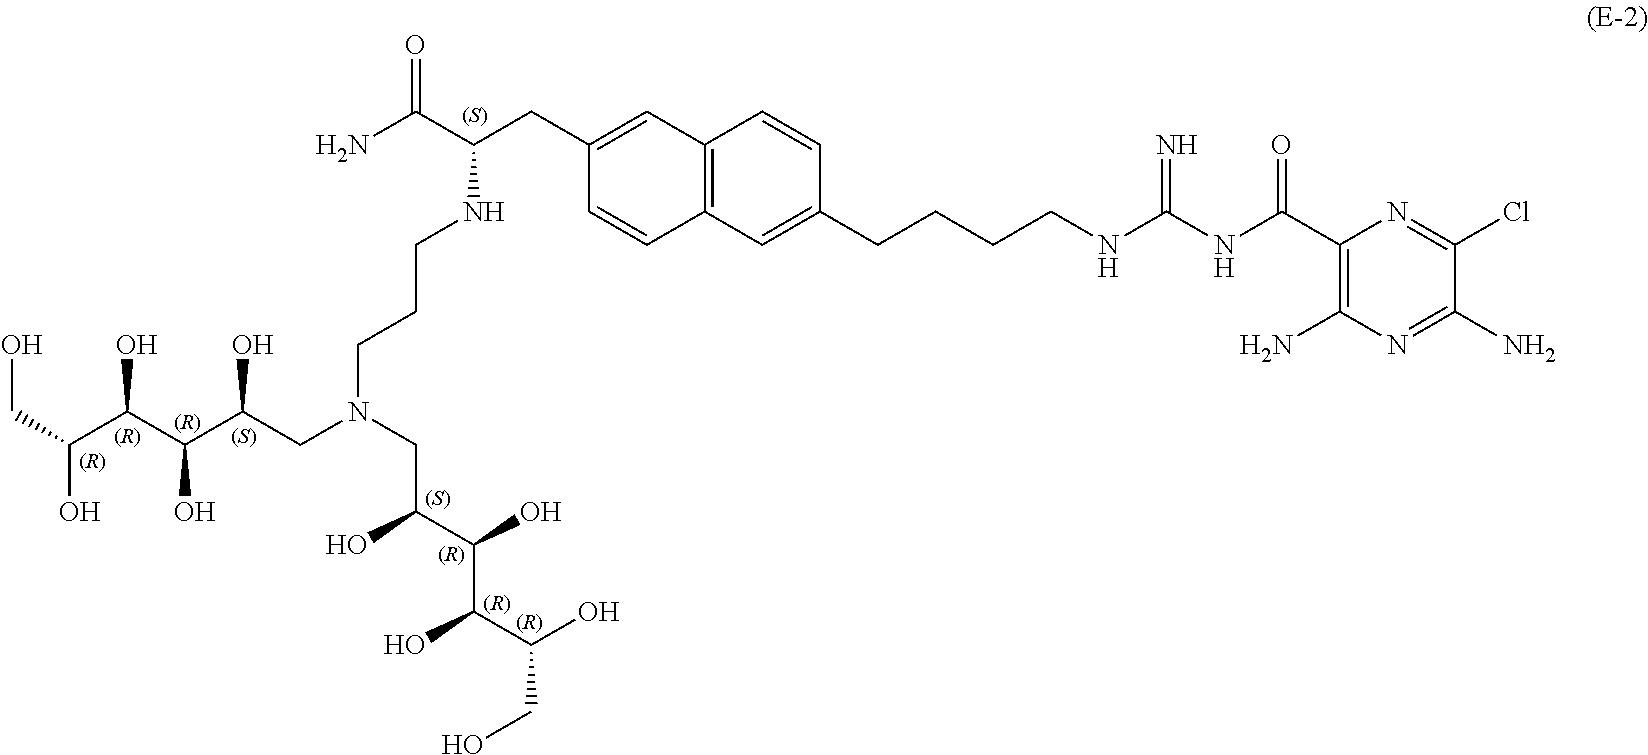 Figure US09695134-20170704-C00015